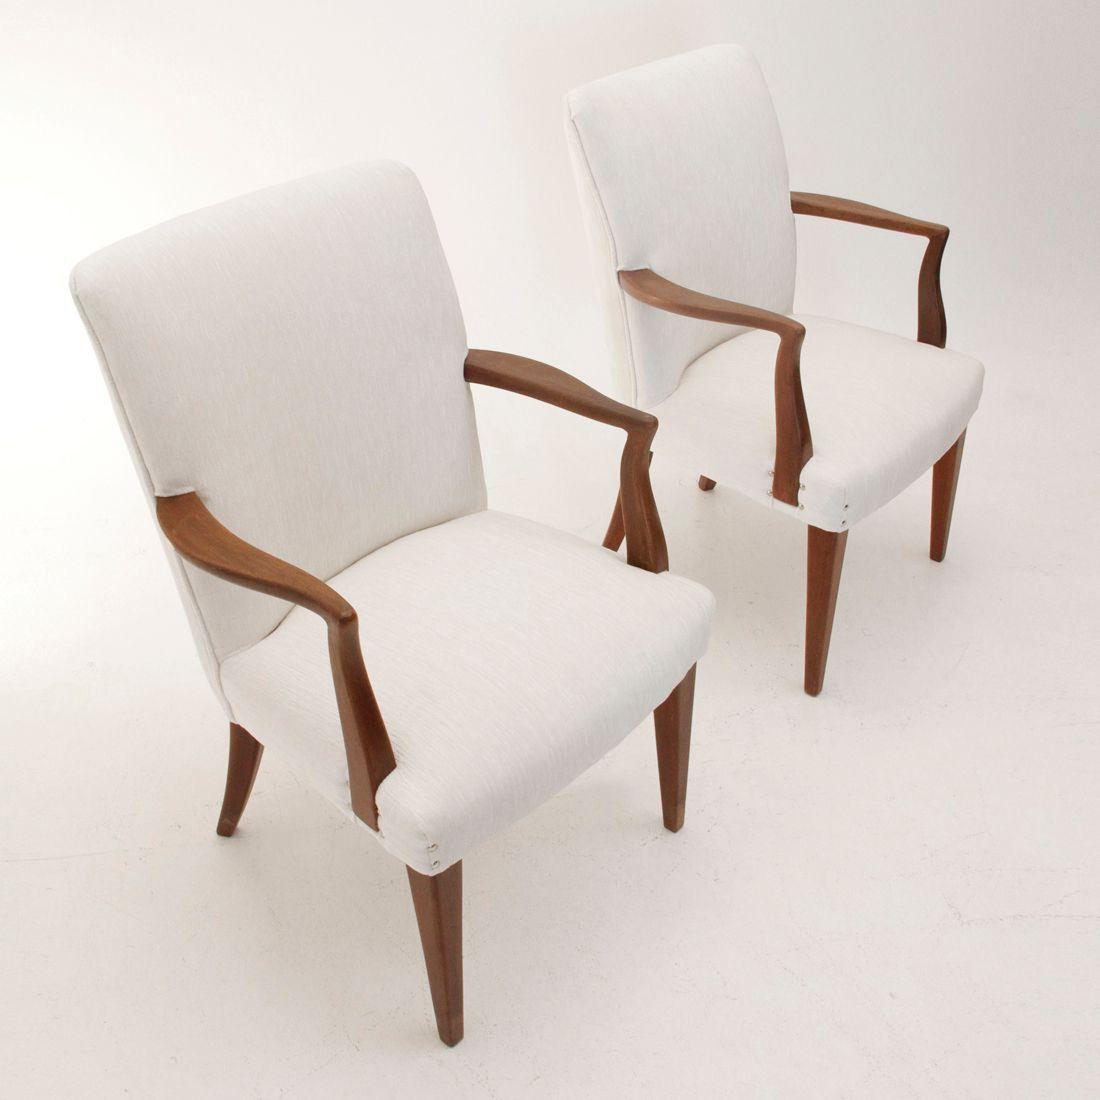 chaises en velours blanc et en teck 1950s set de 6 en vente sur pamono. Black Bedroom Furniture Sets. Home Design Ideas